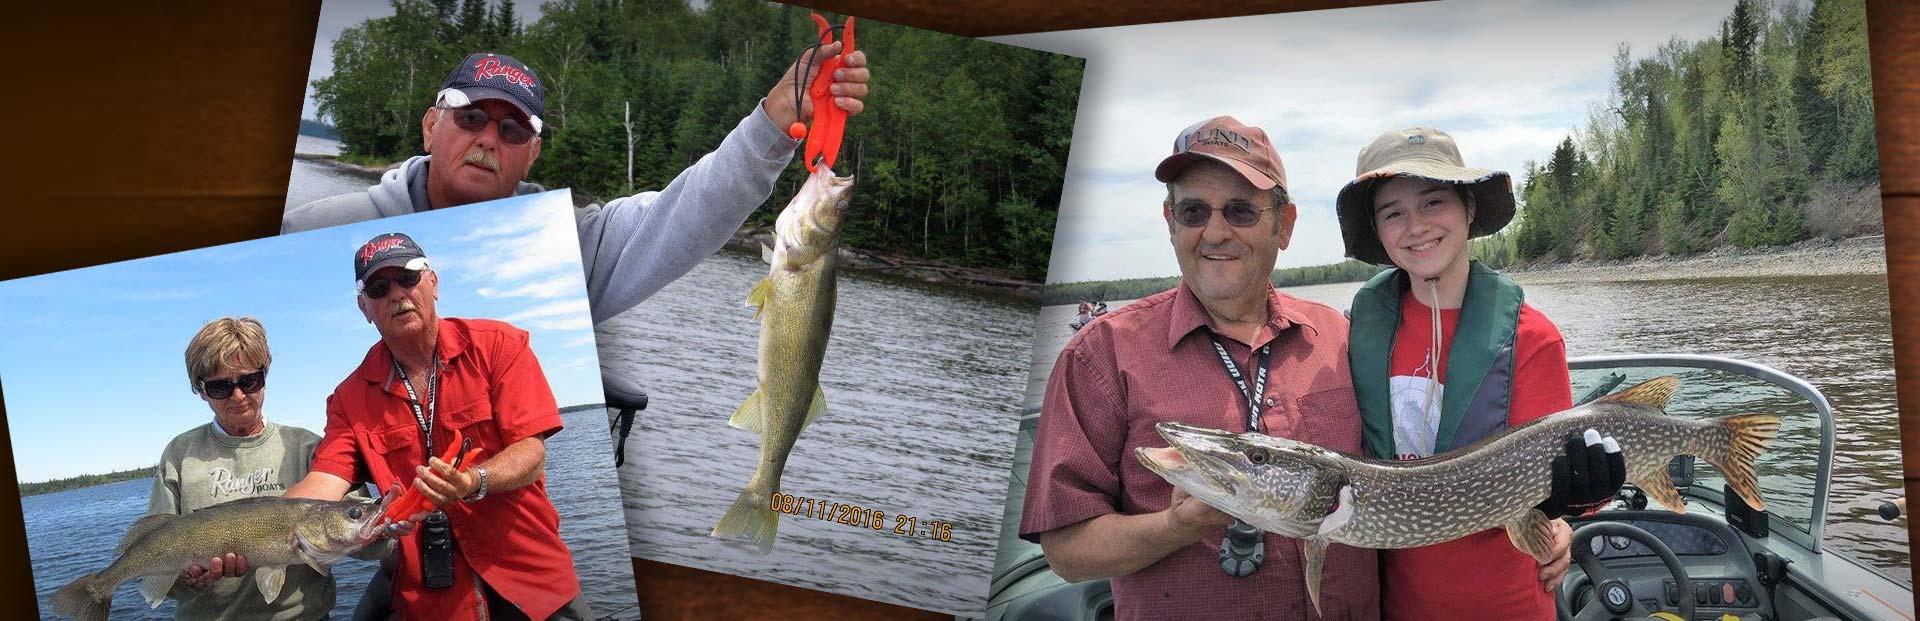 Ontario canada fishing on lac seul lake at lac seul lodge for Lac seul fishing